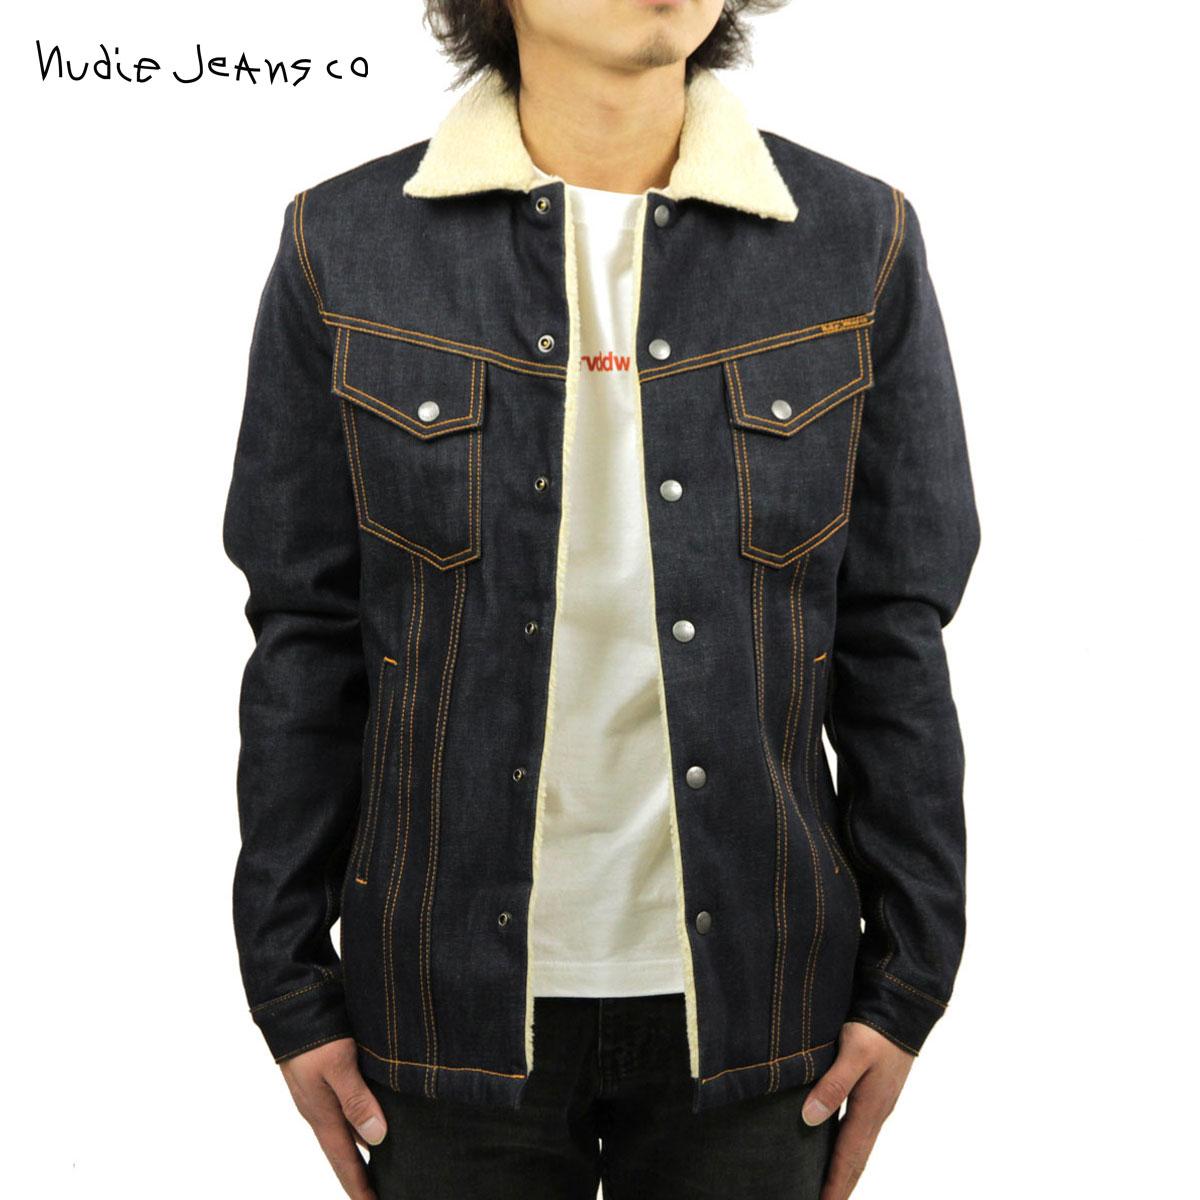 スペシャルオファ ヌーディージーンズ アウター メンズ メンズ 正規販売店 Nudie Jeans ジャケット ジャケット ジャケット アウター Lenny B26 Denim 160409:ブランド品セレクトショップ MIXON, 一天堂:0e169978 --- nagari.or.id